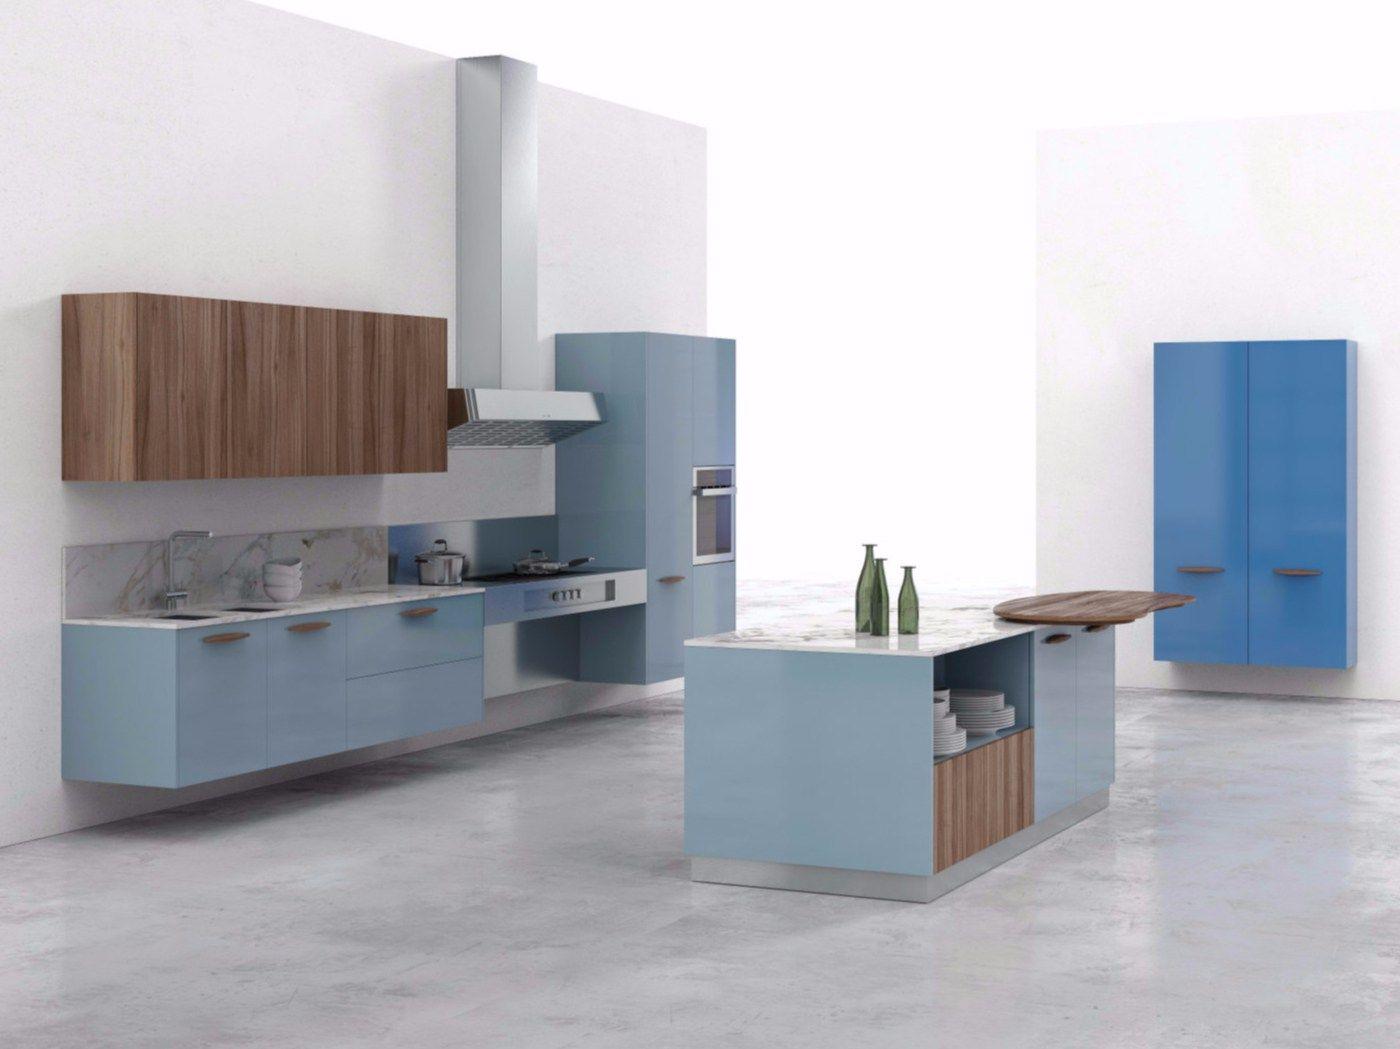 Cucina componibile ks by del tongo design giulio cappellini alfonso arosio - Cappellini cucine prezzi ...